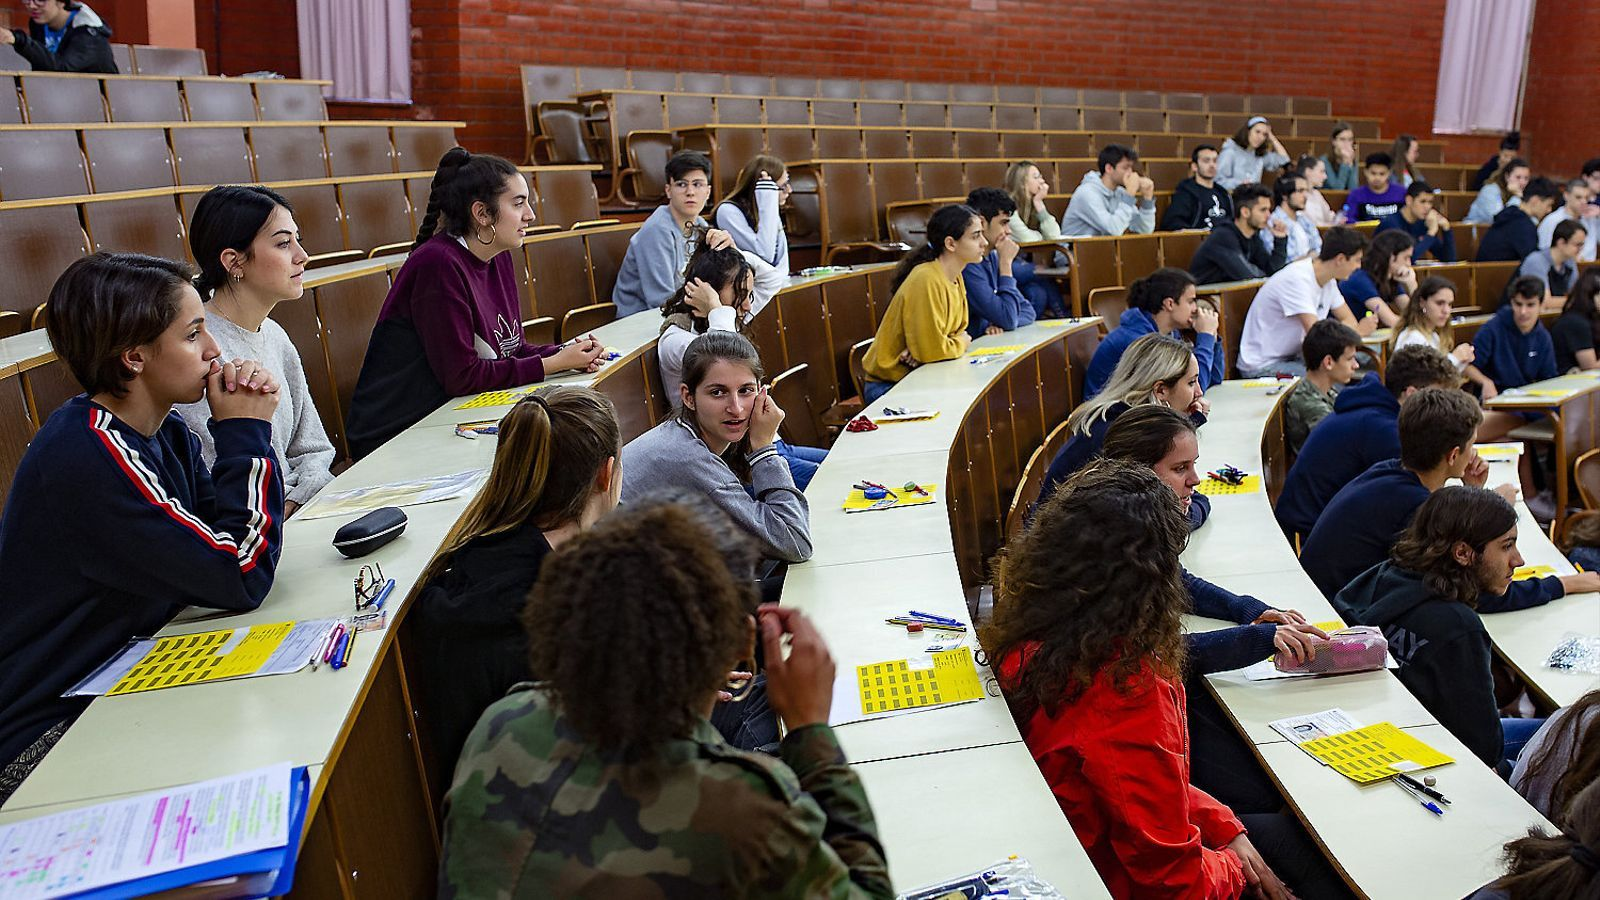 Alumnes l'any passat fent l'examen de la selectivitat a la Facultat de Biologia de la UB.